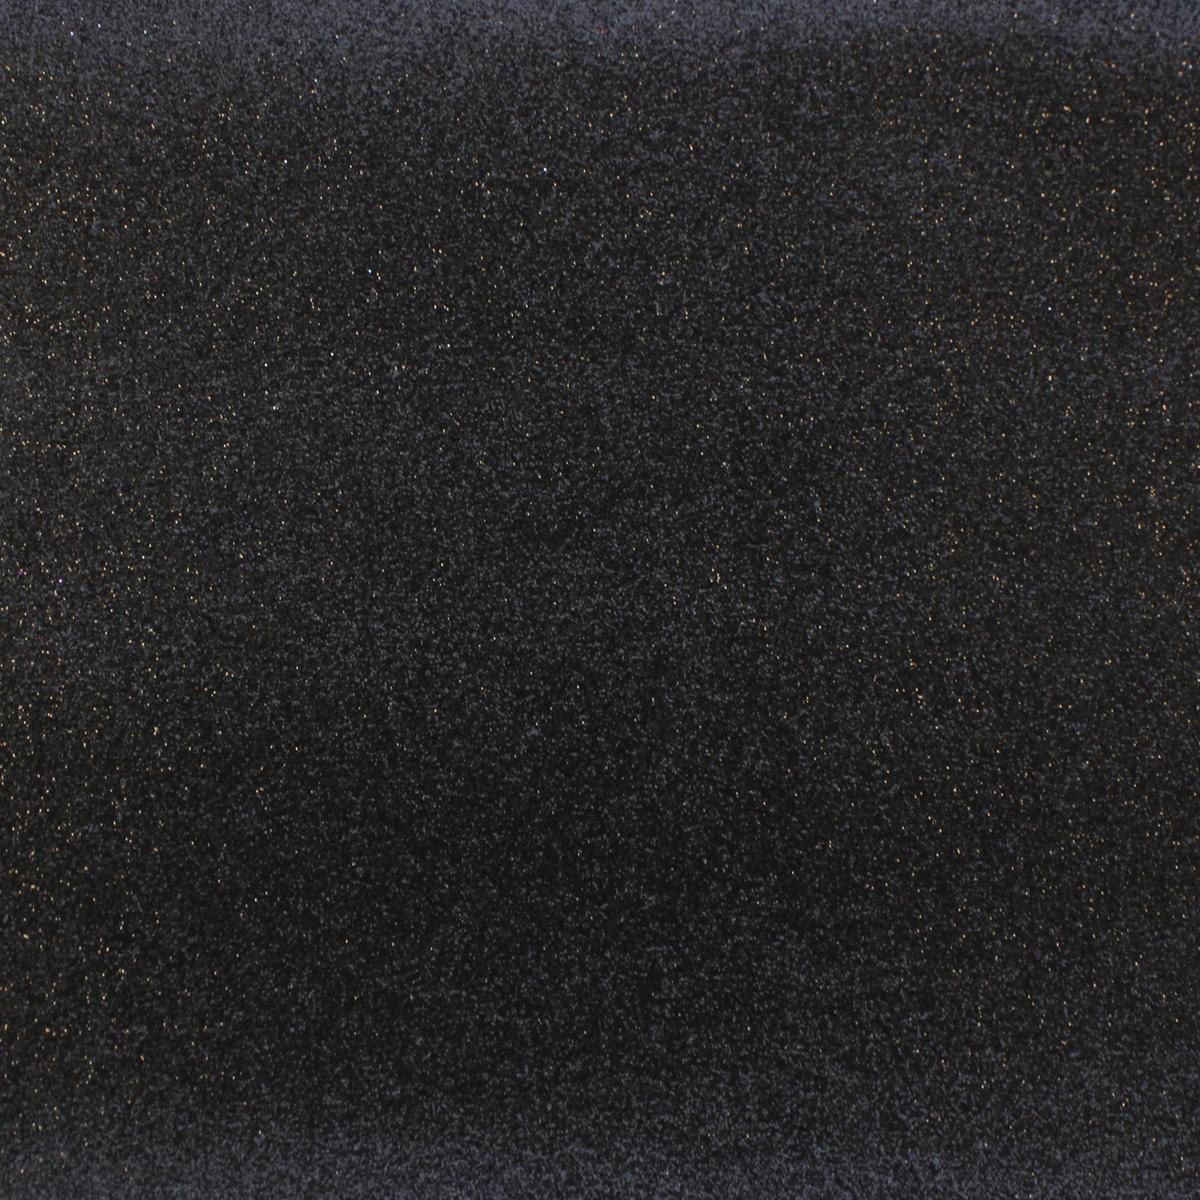 Ткань для рукоделия Ki Sign, с глиттером, цвет: черный, 70 х 45 см7716492_27 черныйТкань для рукоделия Ki Sign с глиттером (55% ПВХ, 45% полиэстер) предназначена для шитья текстильных кукол и игрушек, пэчворк-работ, для квилтинга и скрапбукинга. Такая ткань удобна в раскрое, не скользит, легко стирается и достаточно прочная.